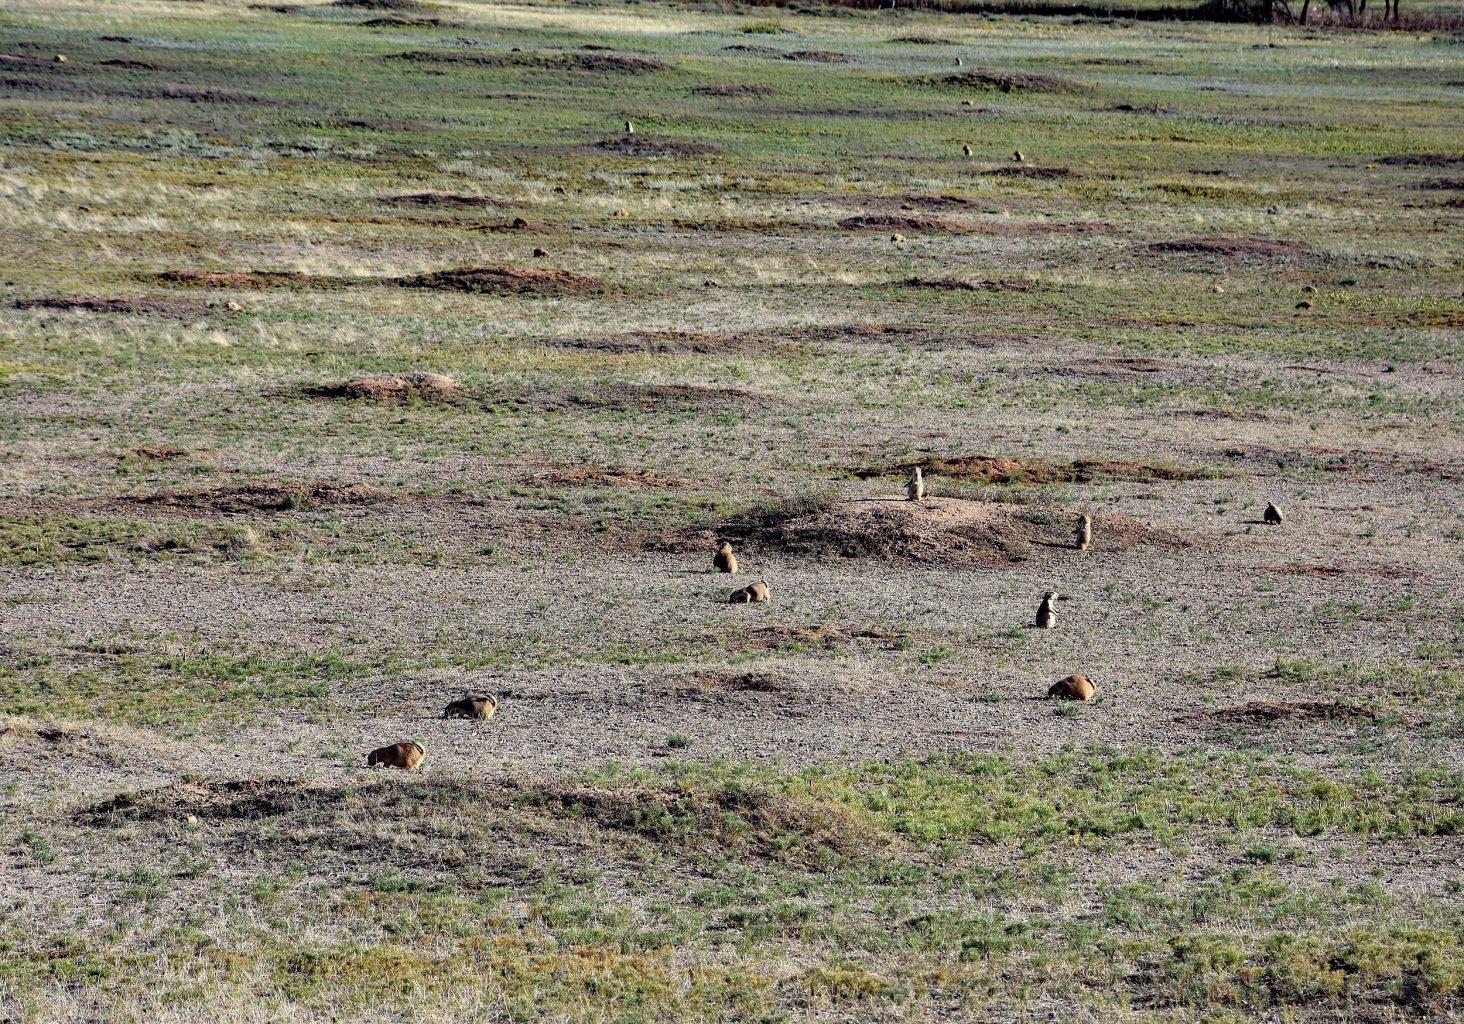 Feld mit Präriehunden